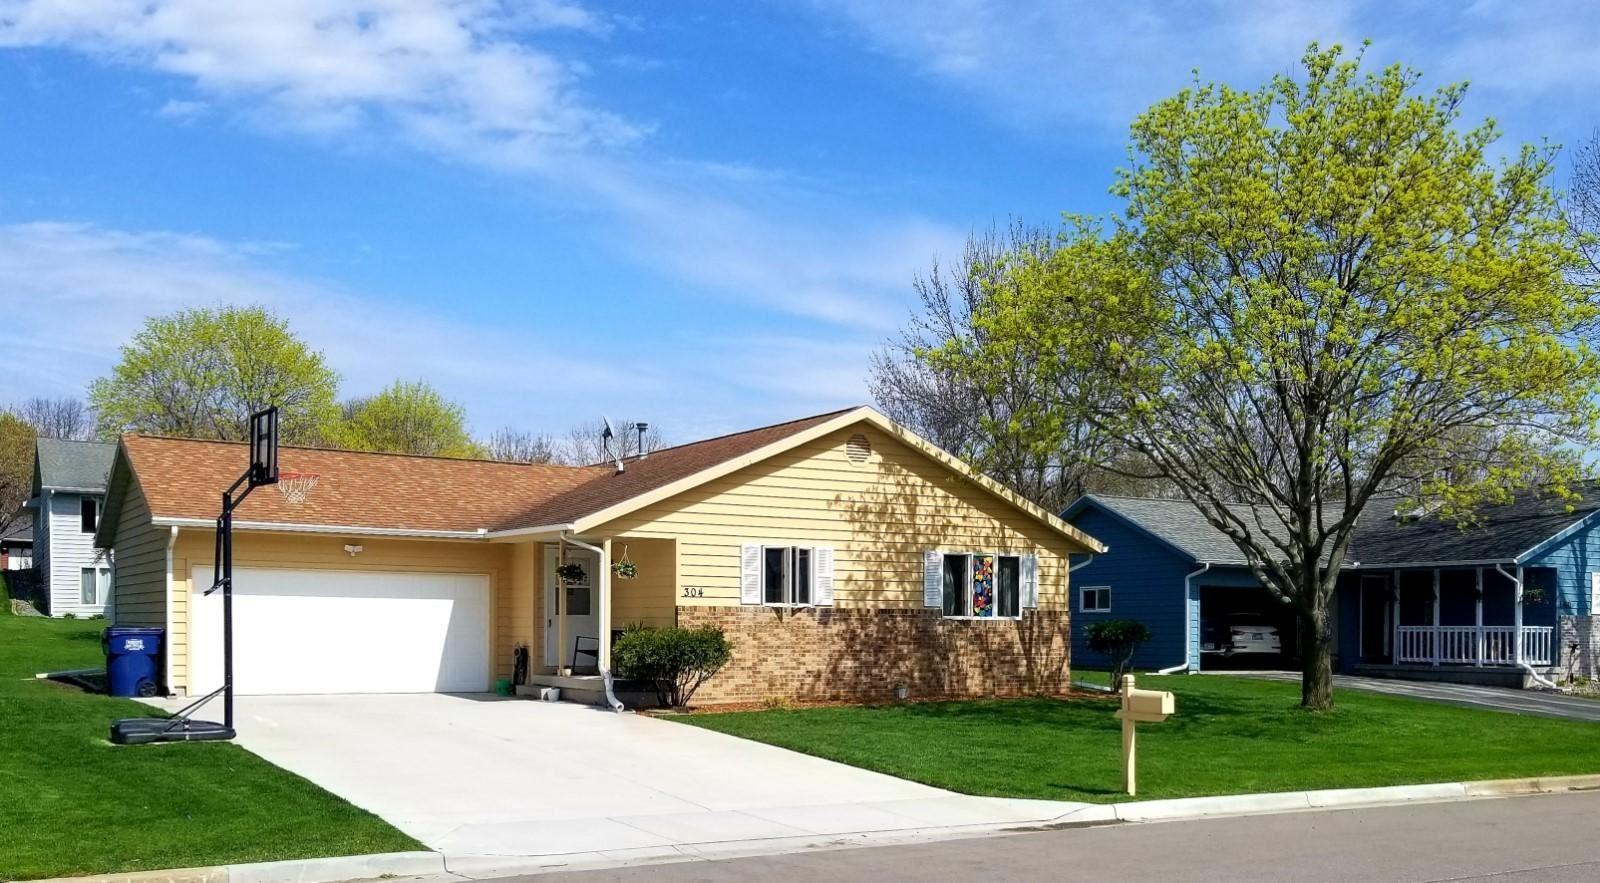 304 Beacon Valley Rd, La Crescent, WI 55947 - MLS#: 1680816